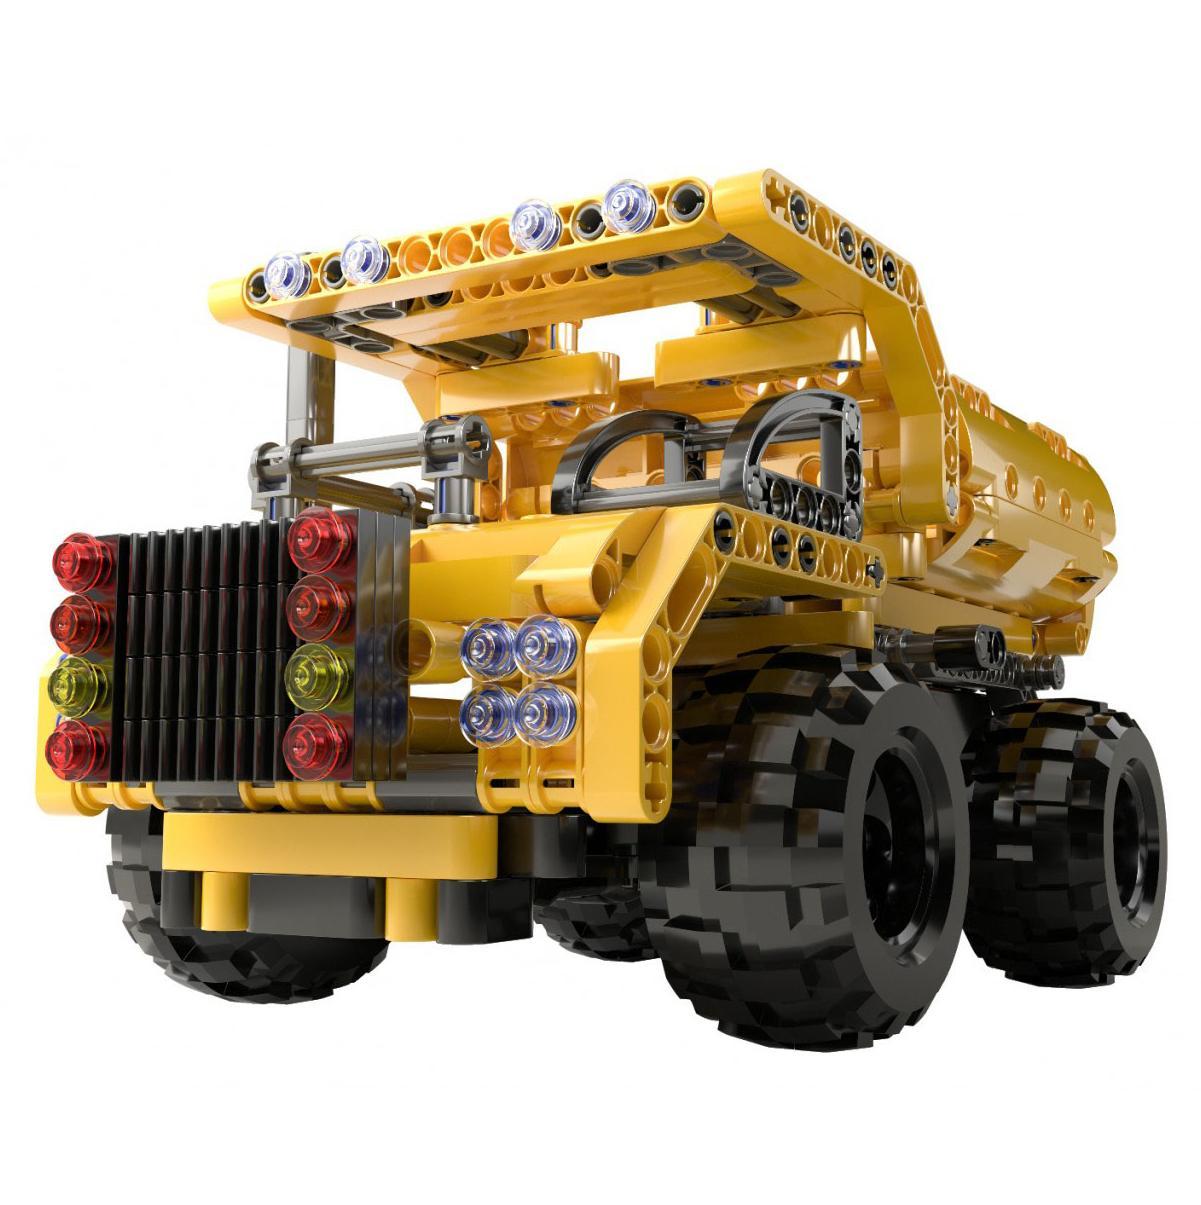 CYBER TOY Конструктор CyberTechnic, 329 деталей, желтый